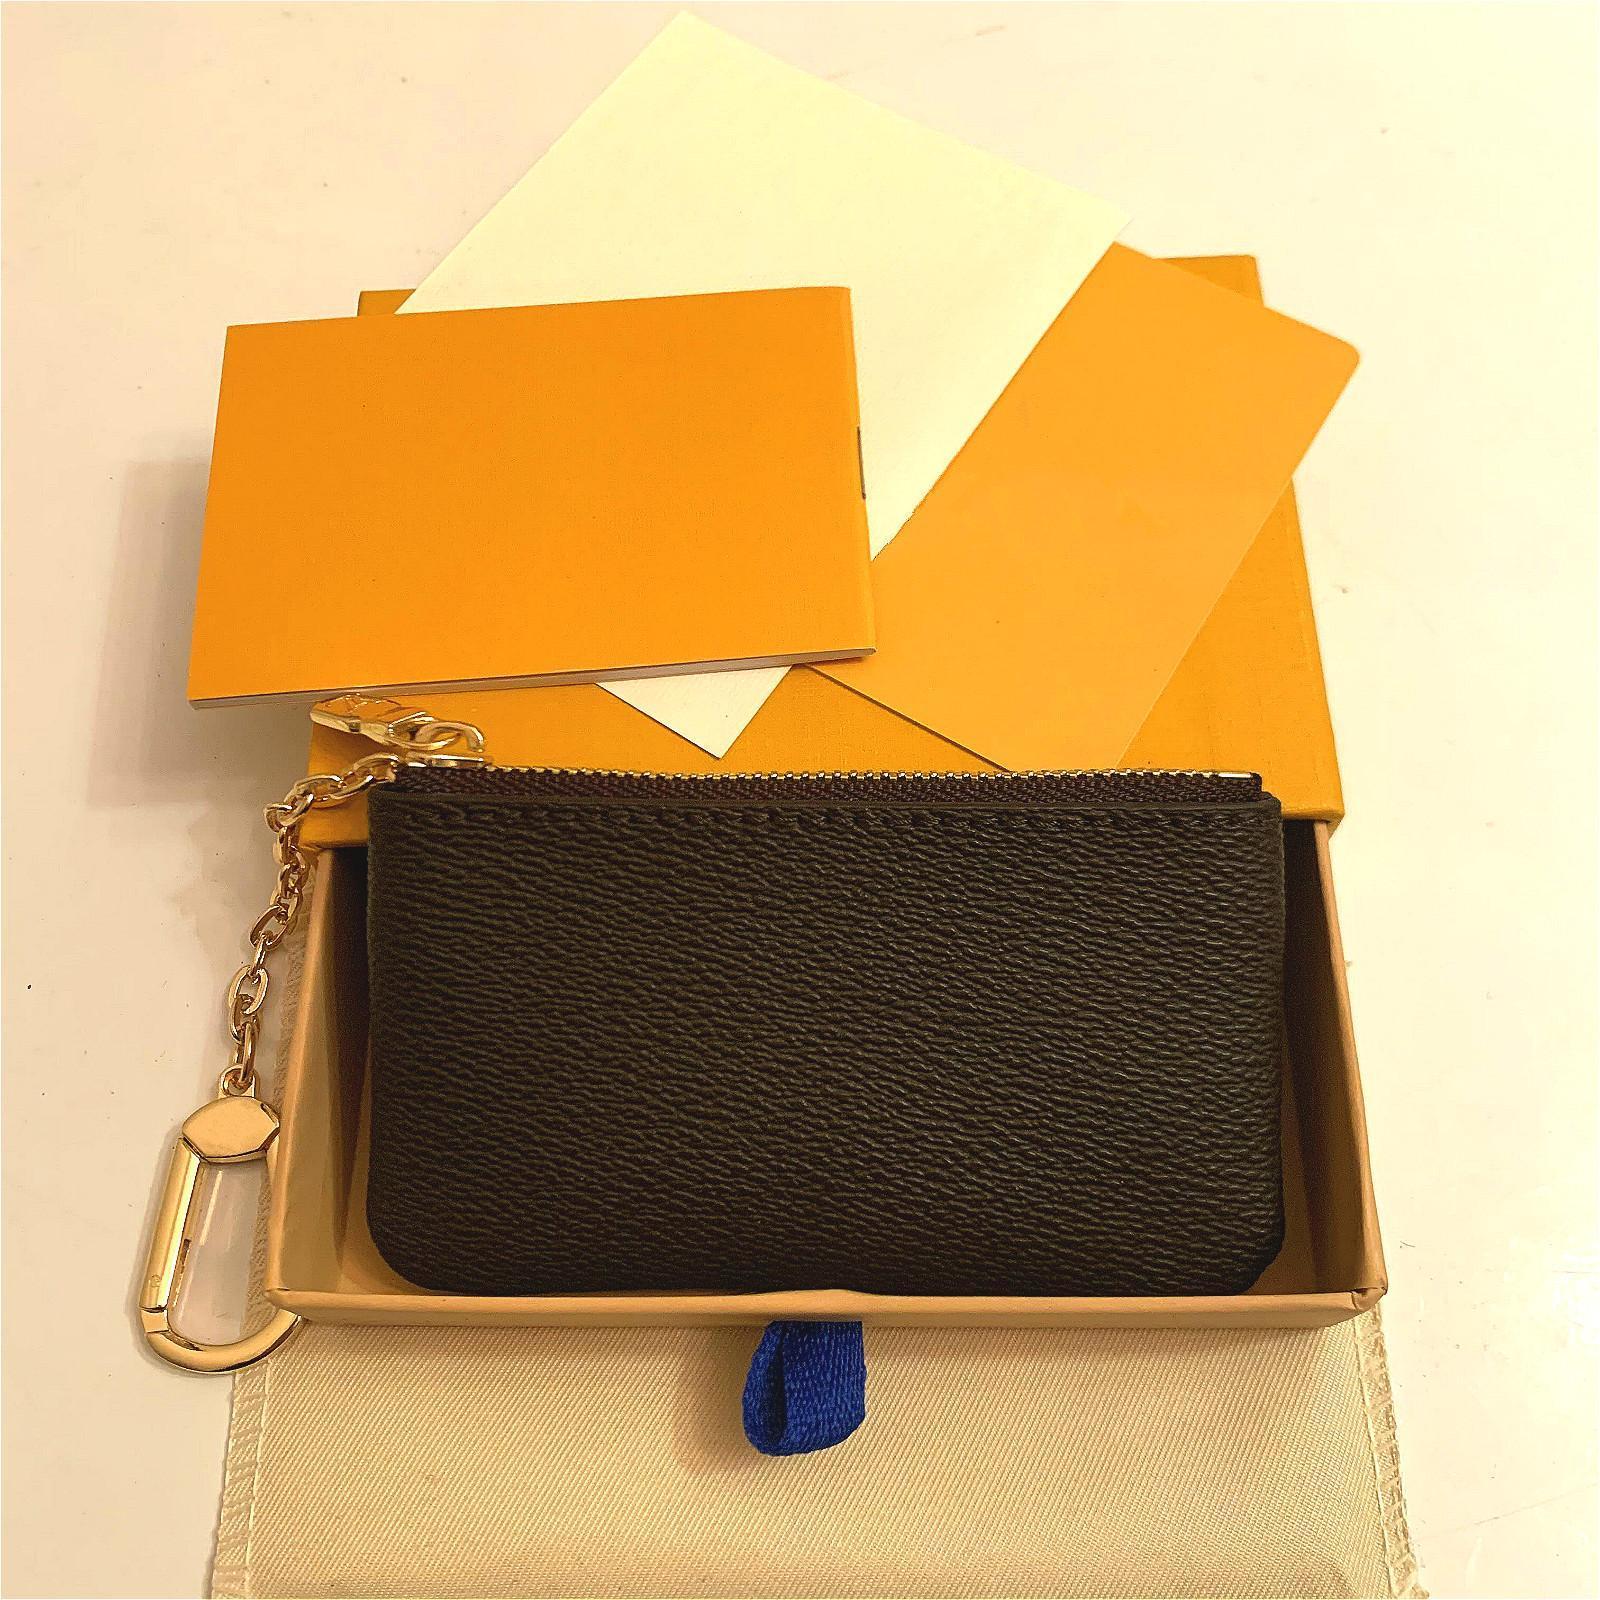 Anahtar Kılıfı M62650 Pochette Cles Moda Bayan Erkek Anahtarlık Kredi Kartı Tutucu Sikke Çanta Lüks Tasarımcılar Mini Cüzdan Çanta Deri Çanta